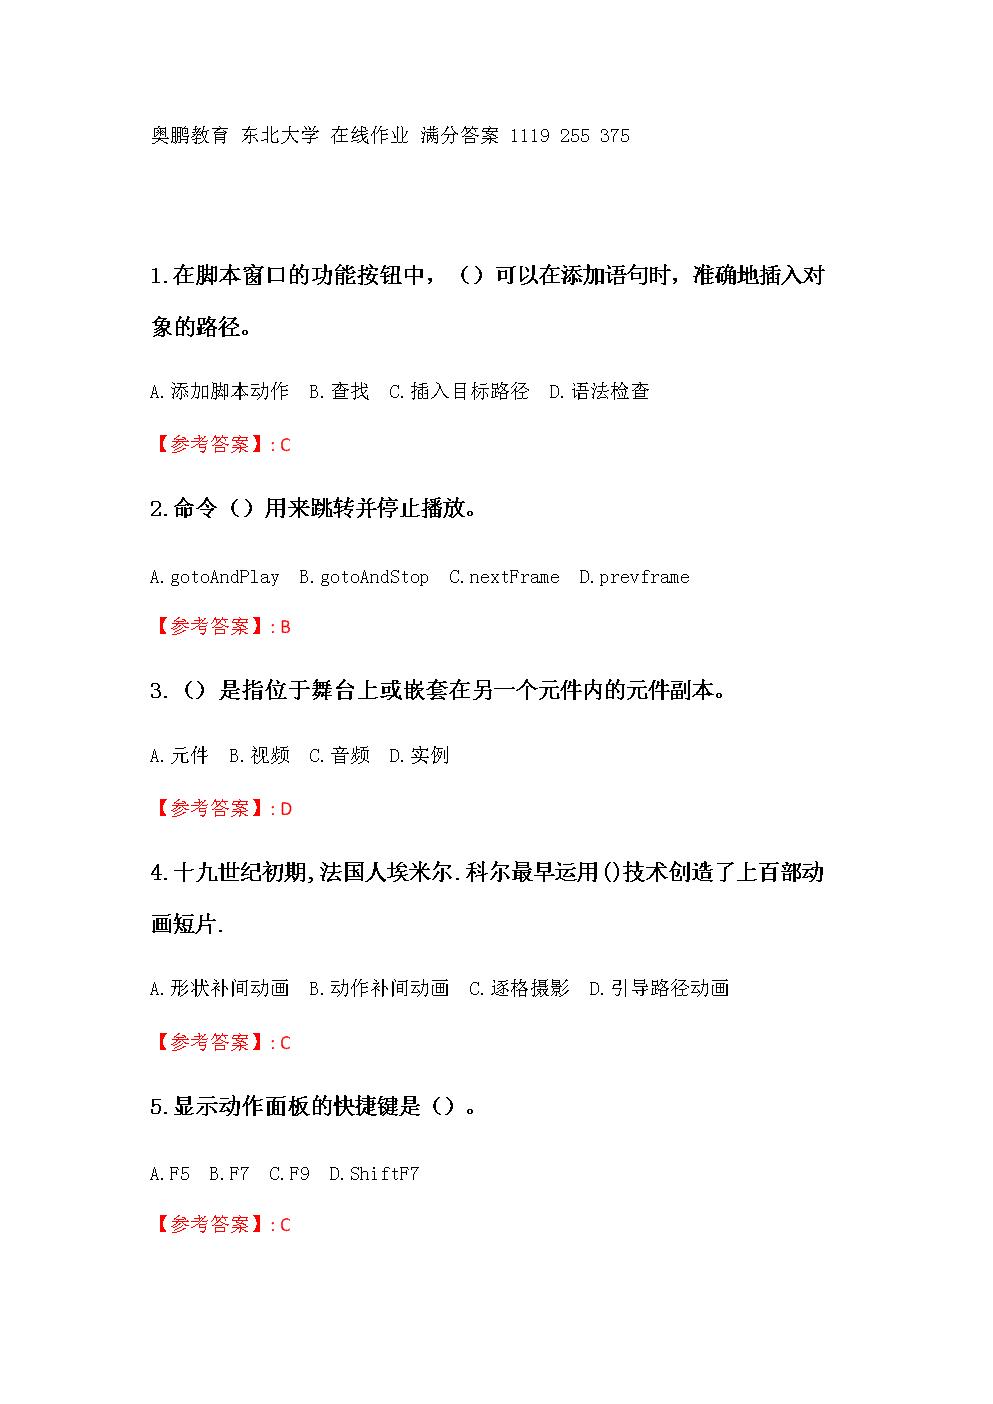 奥鹏 东北师范大学 Flash动画设计20秋在线作业2 (167).doc